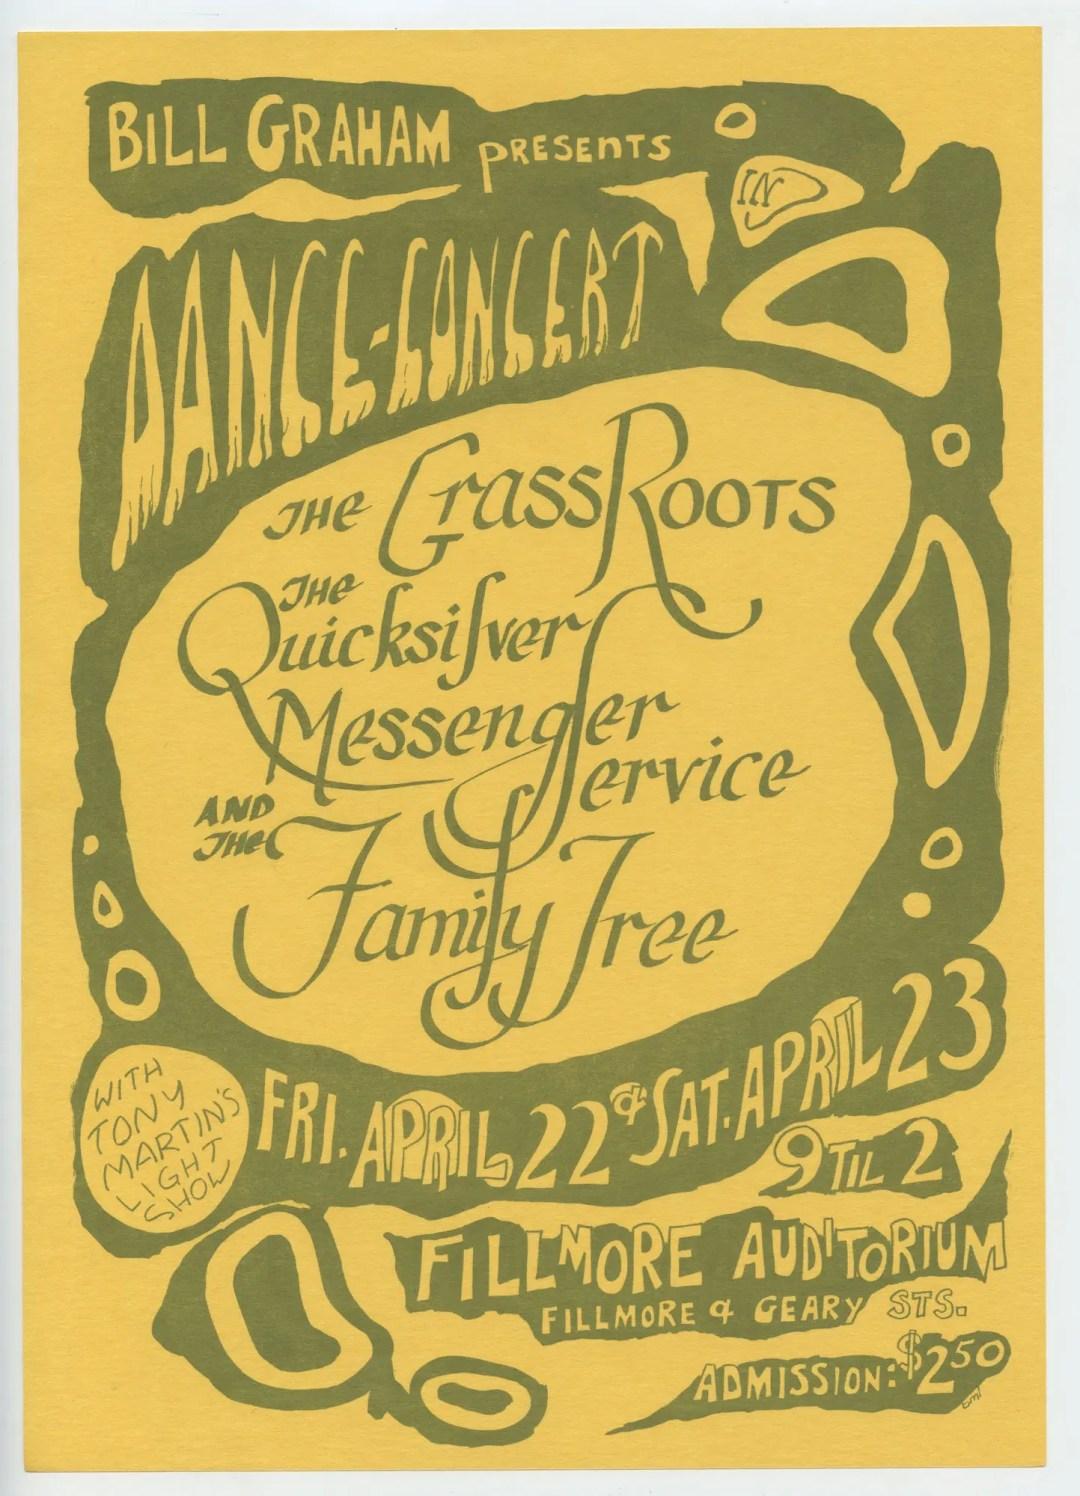 BG 0 Handbill Grass Roots 1966 Apr 22